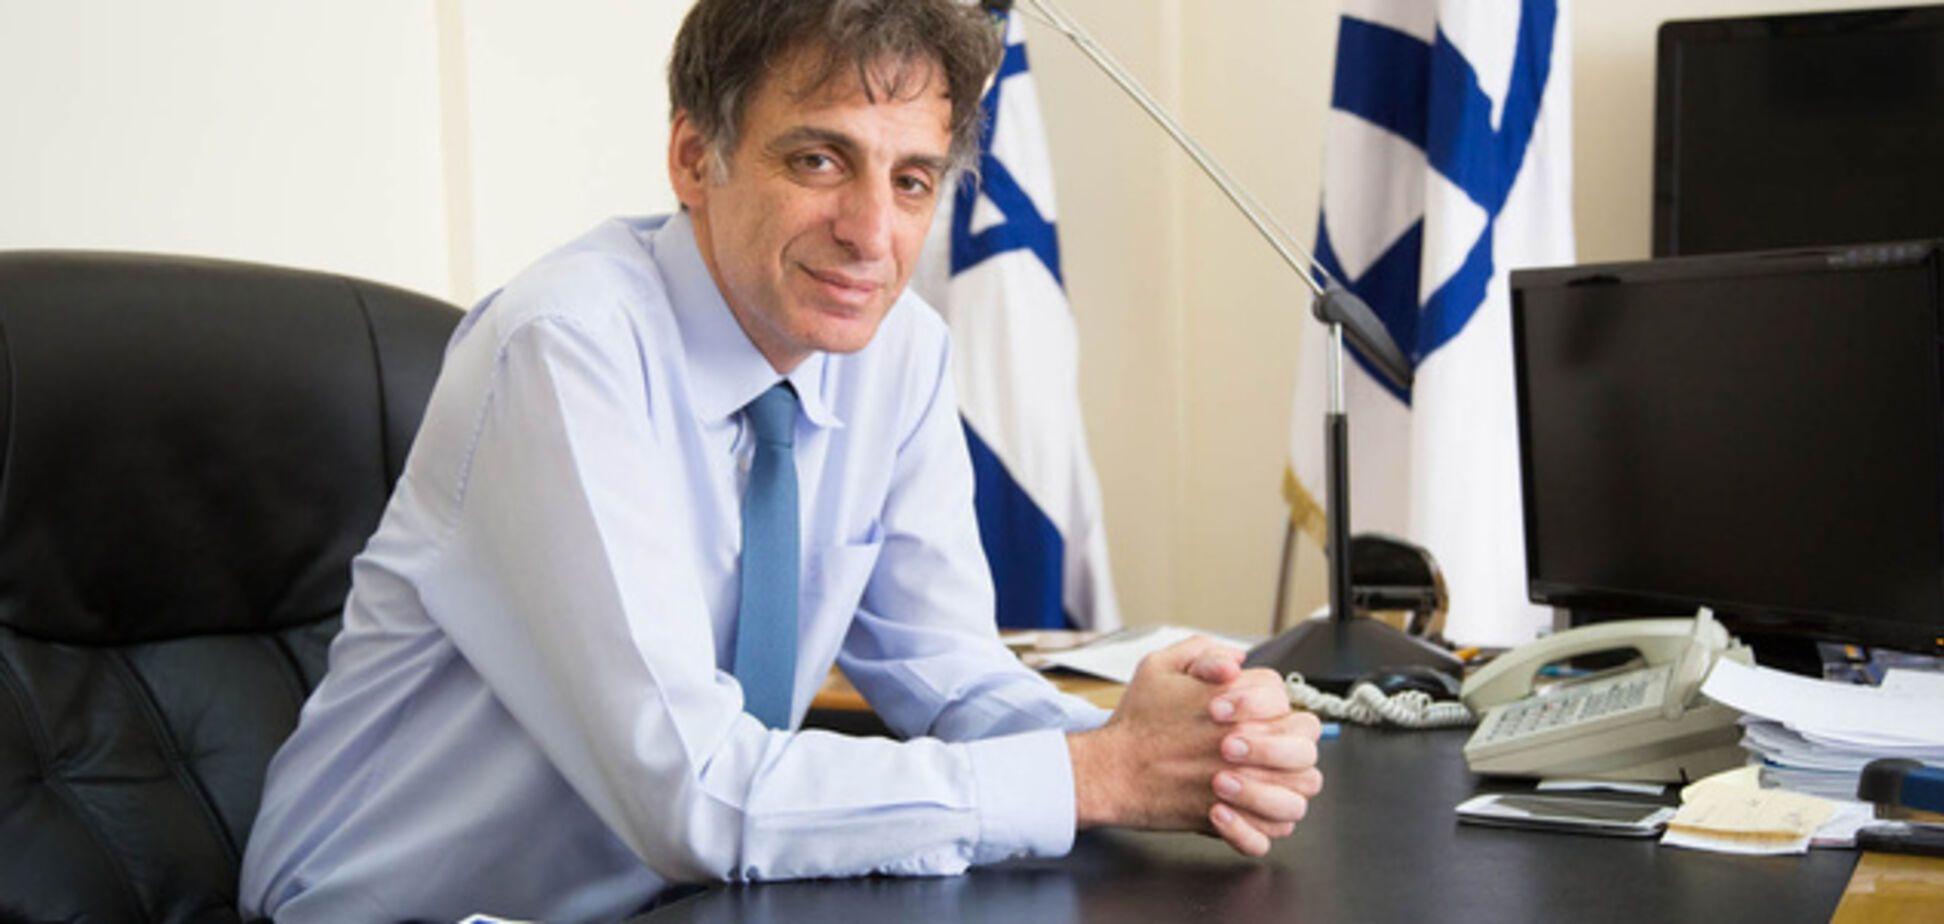 Ракети Ірану вже можуть дістати до України - посол Ізраїлю